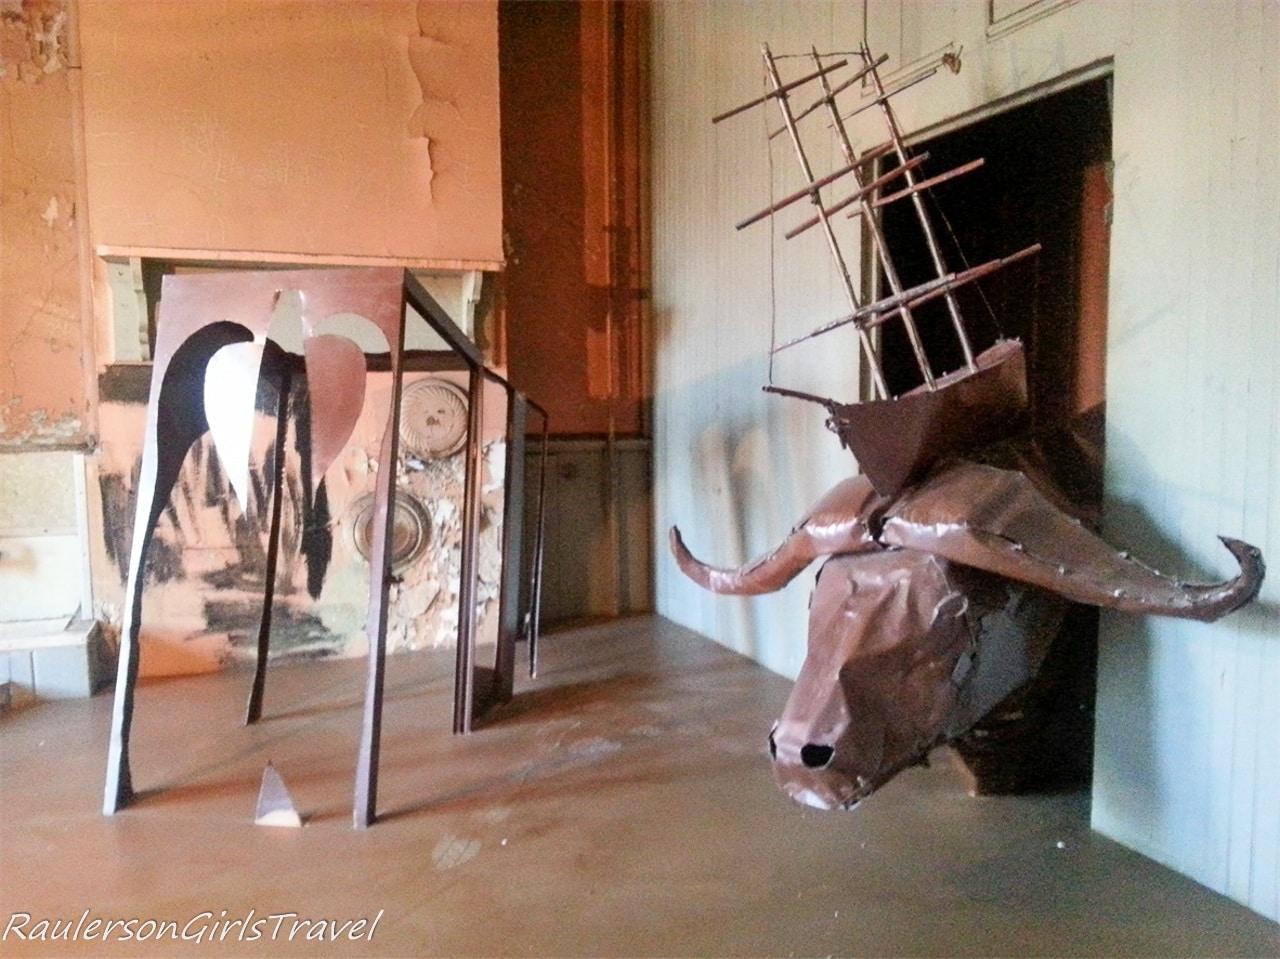 Bull art at the Mattress Factory